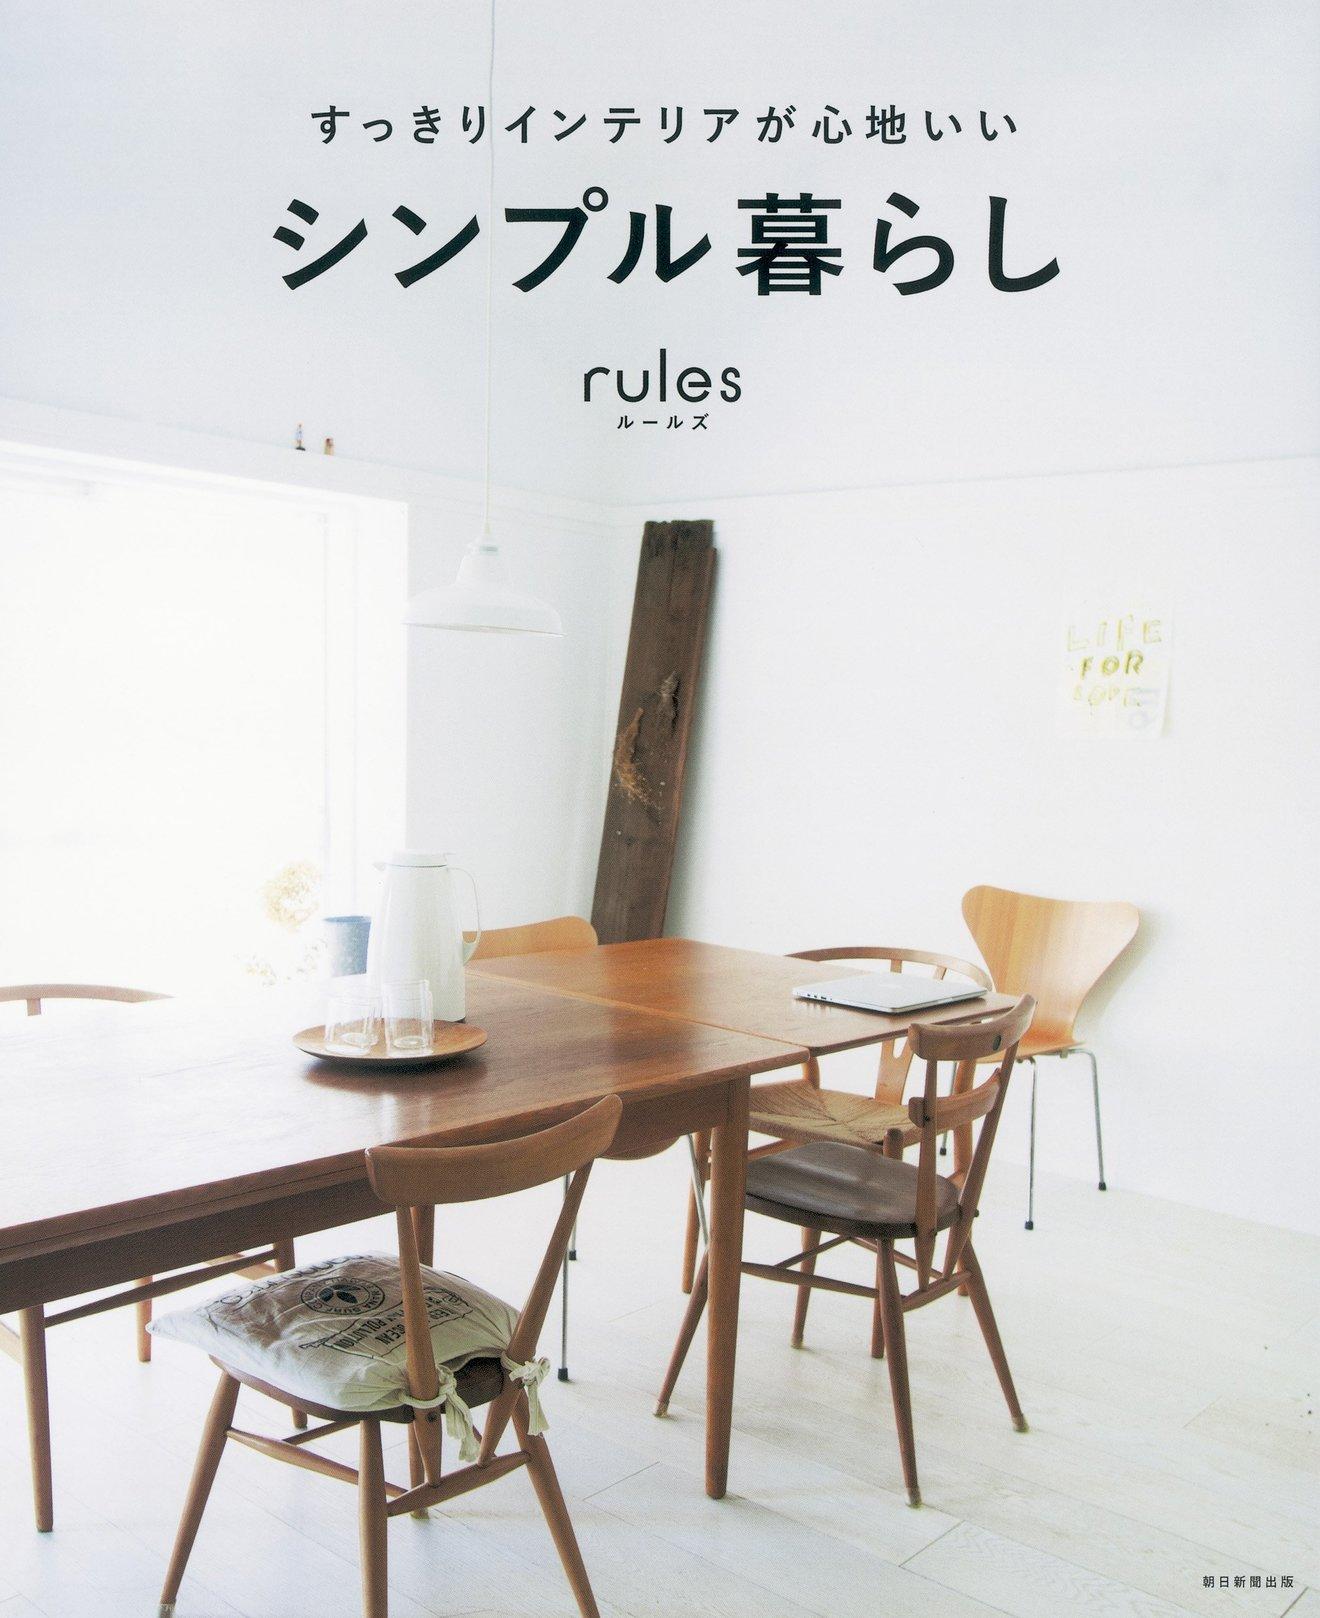 インテリアコーディネート本10選!センスのいい部屋を実例から学ぶ